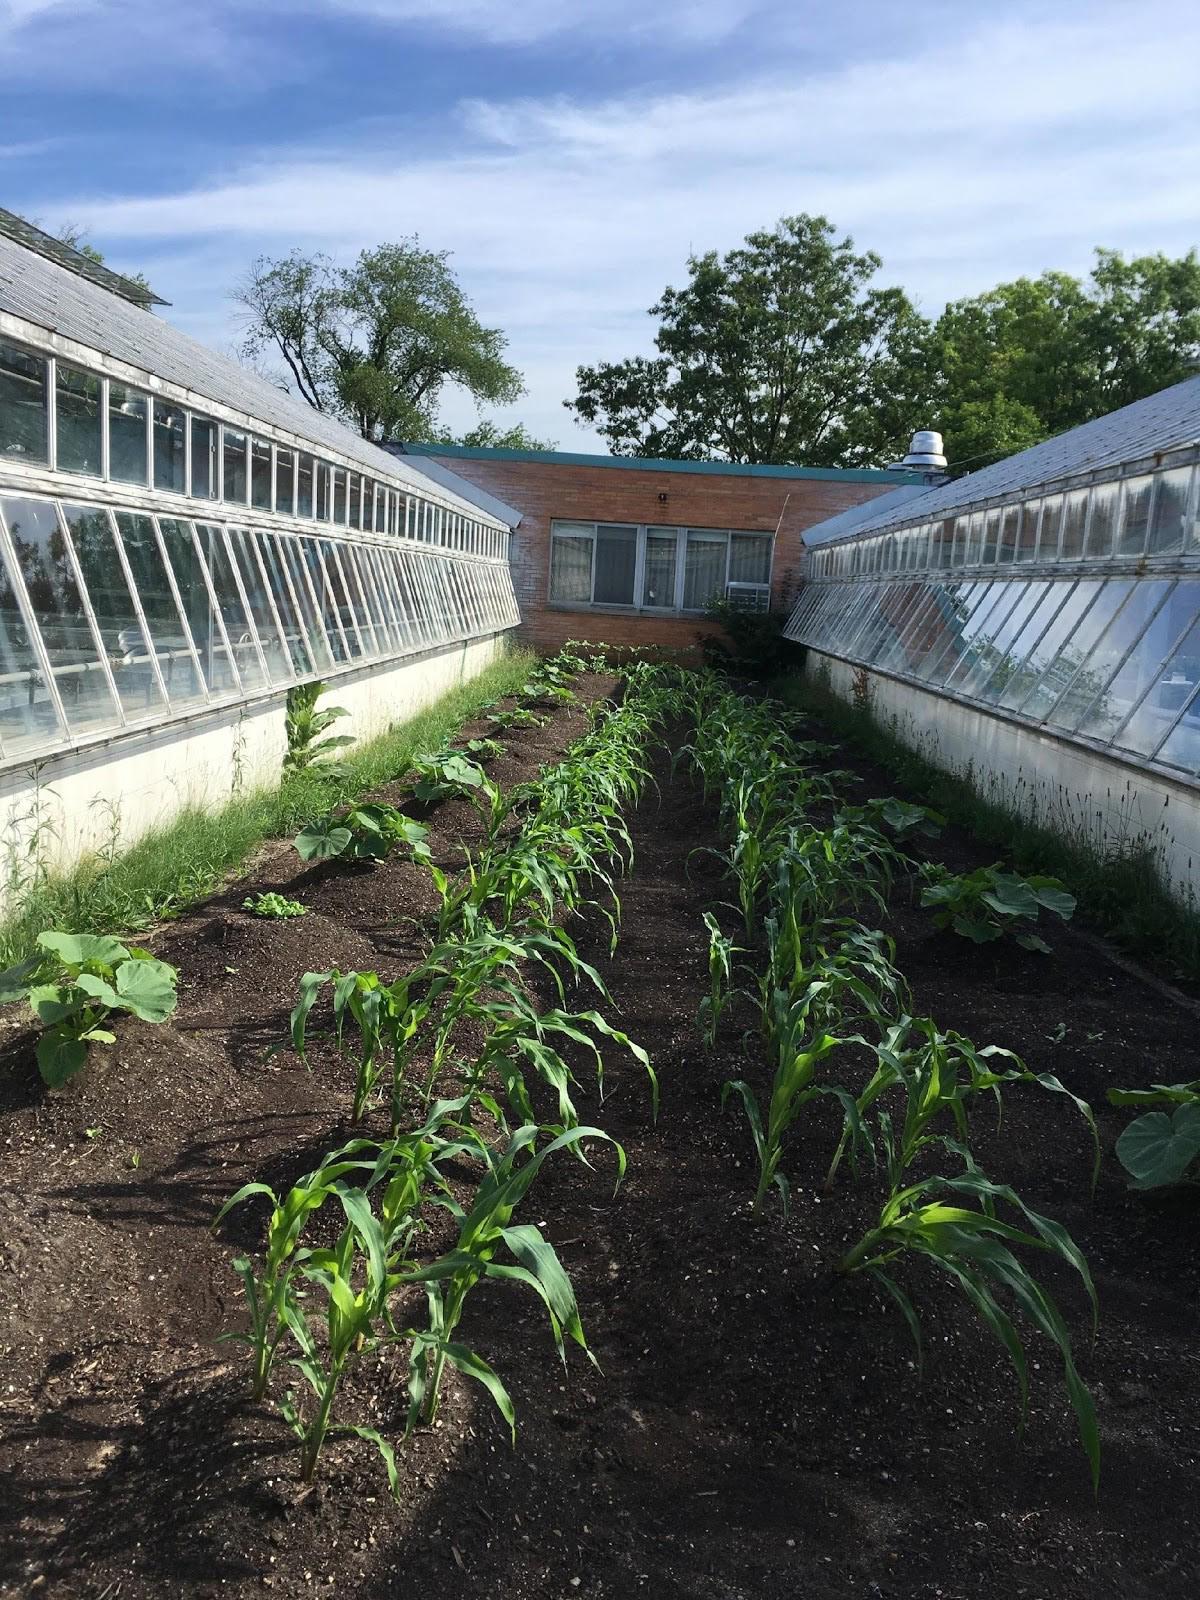 The heritage seeds garden growing